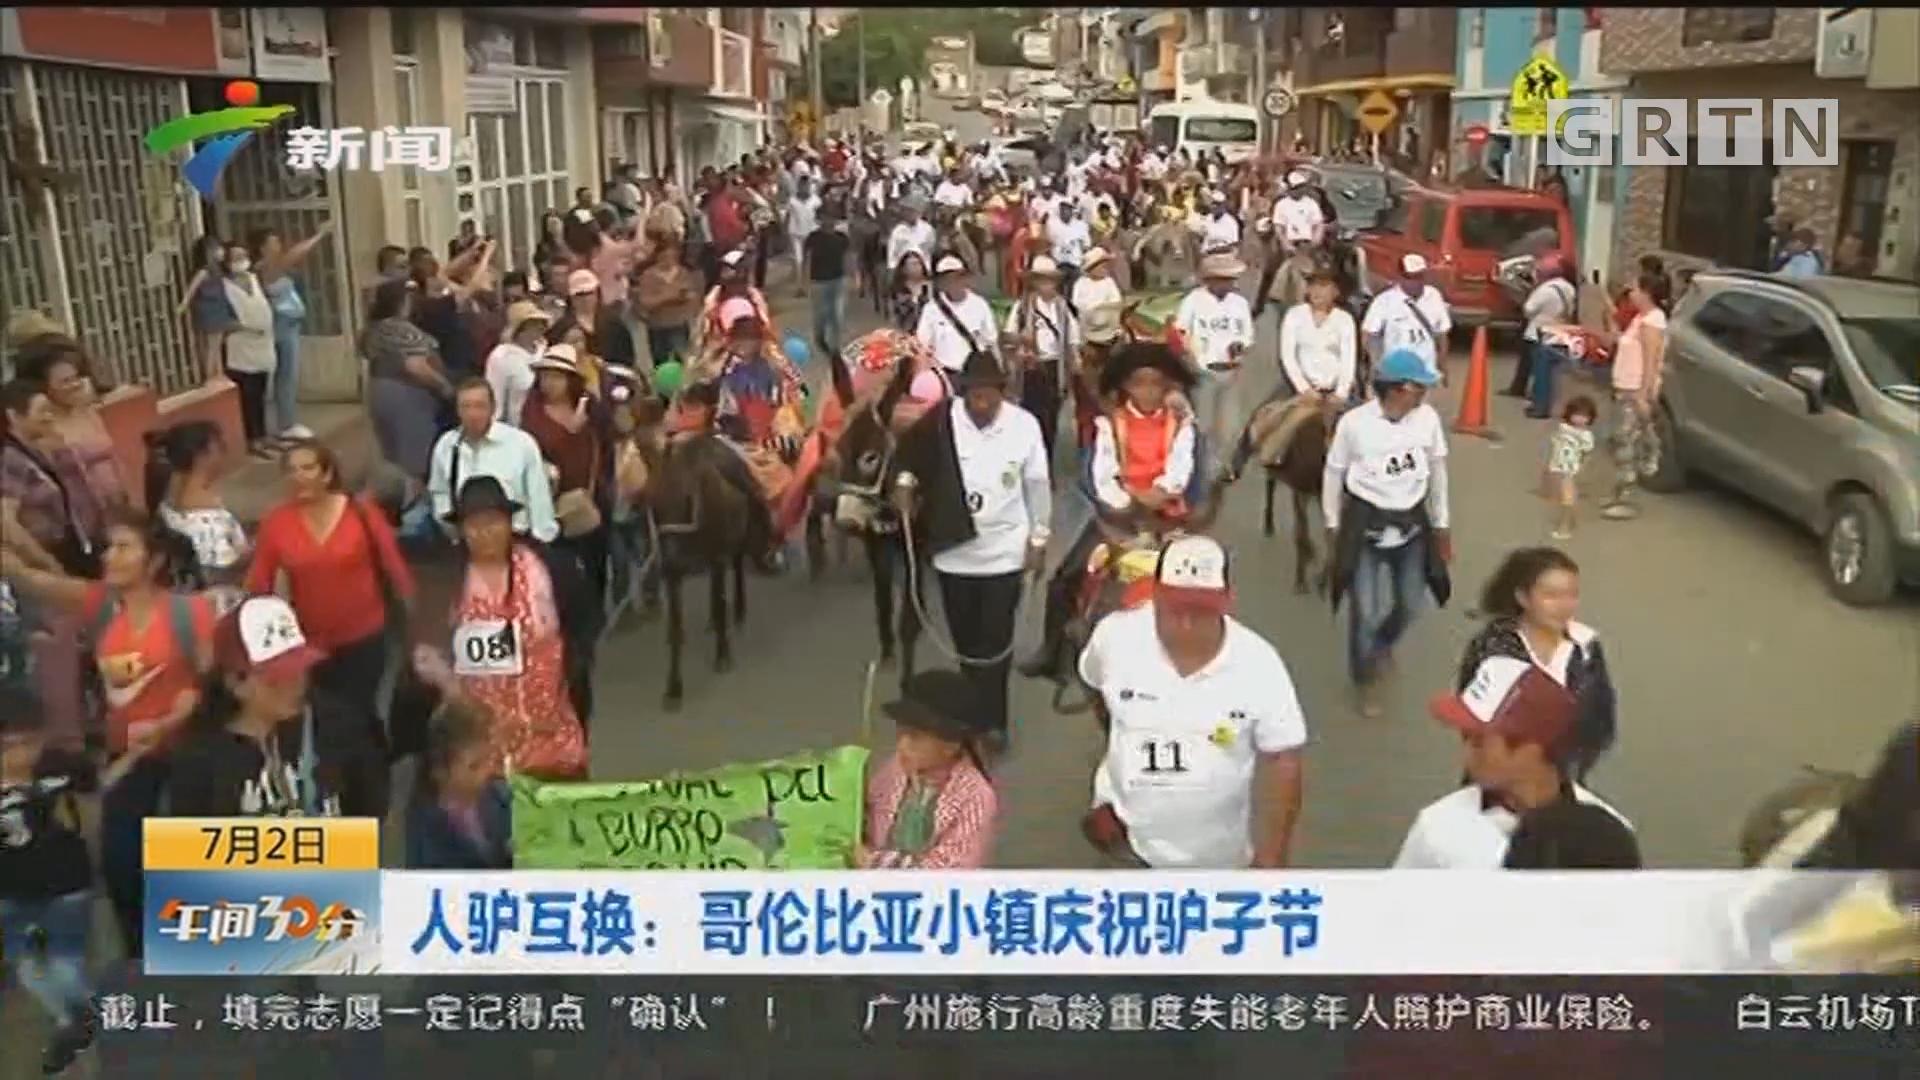 人驴互换:哥伦比亚小镇庆祝驴子节